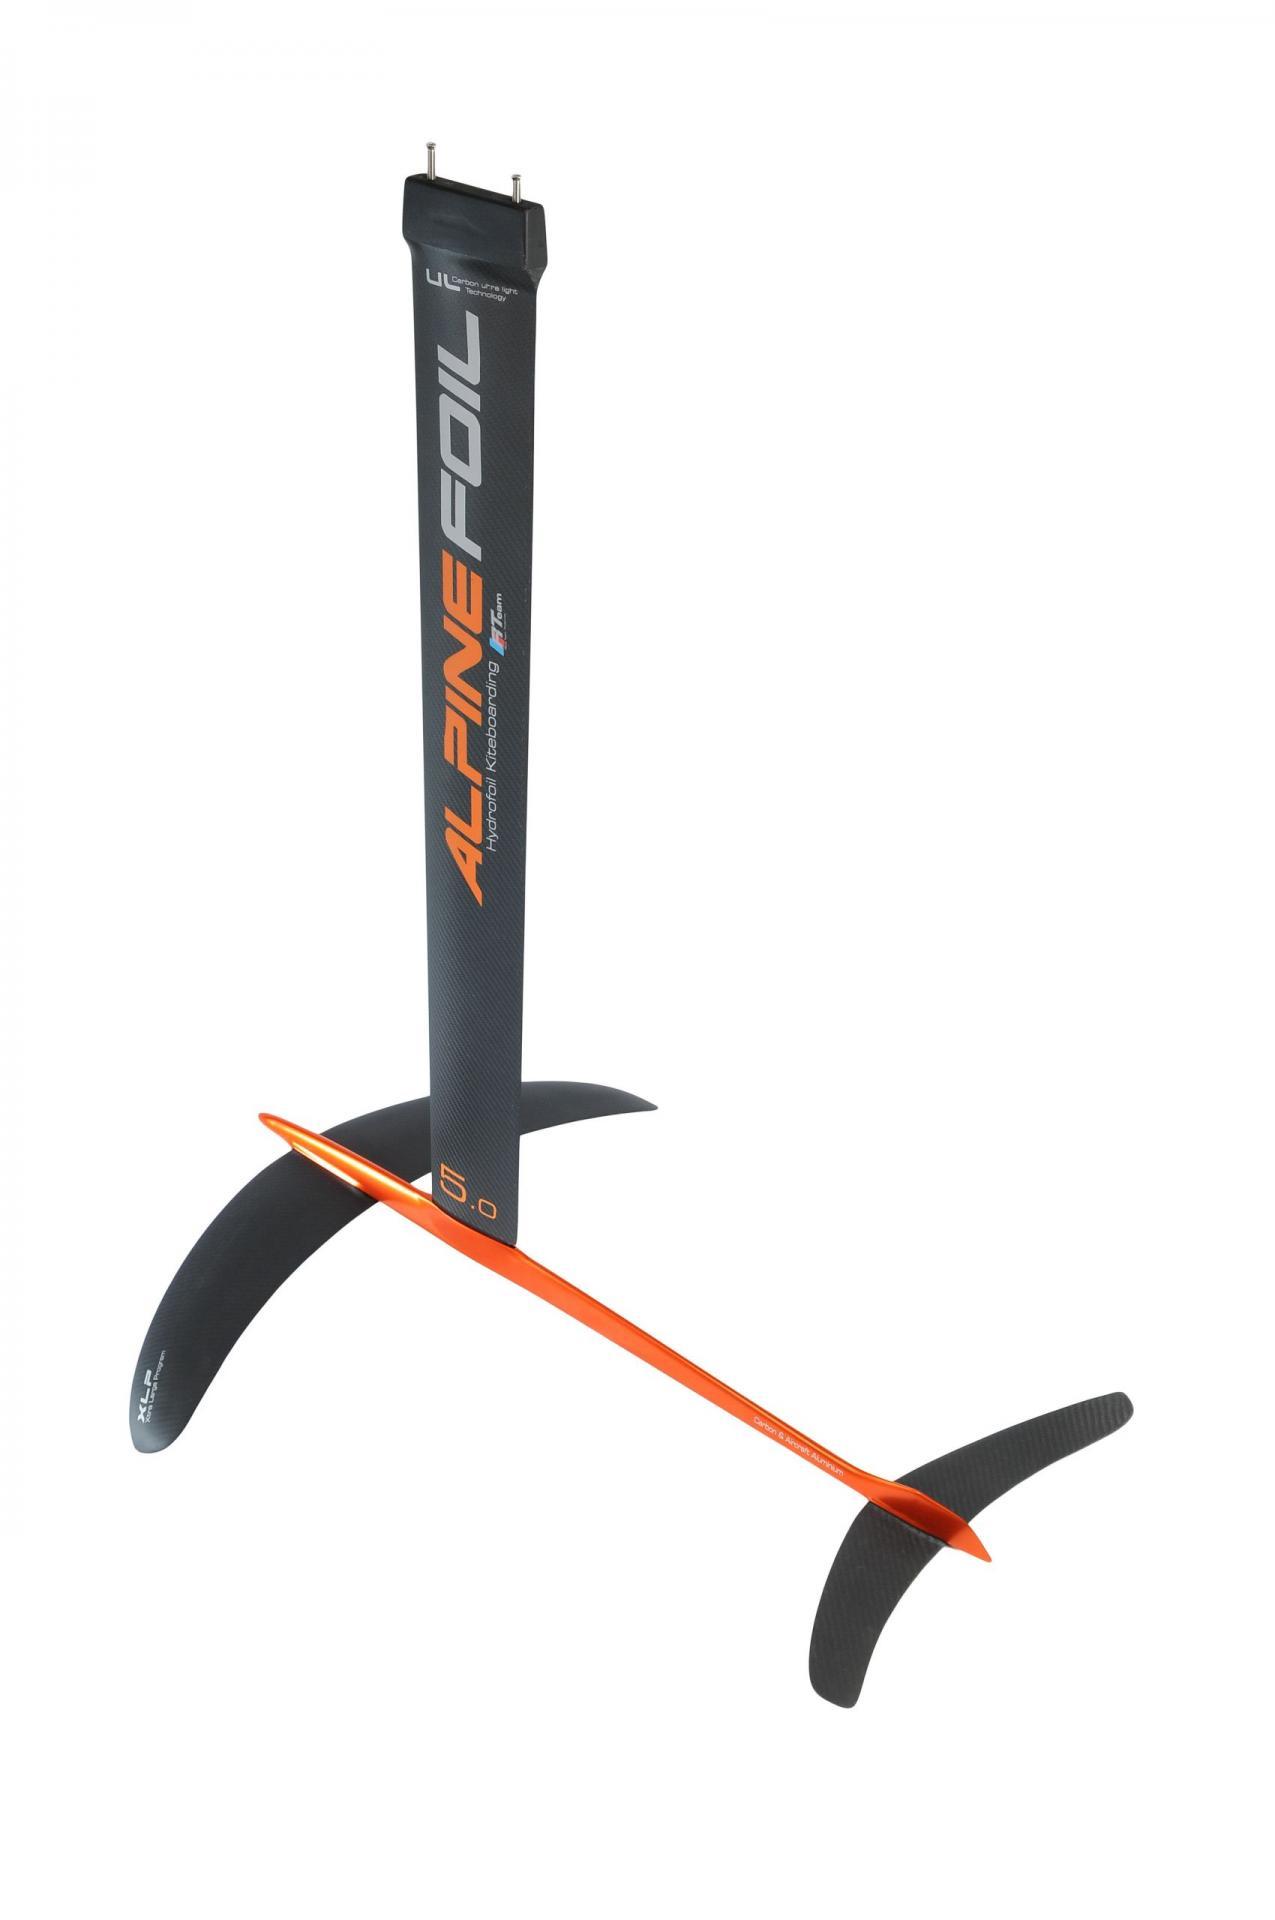 Kitefoil windfoil carbon alpinefoil 5 0 access v2 xlp 2 1